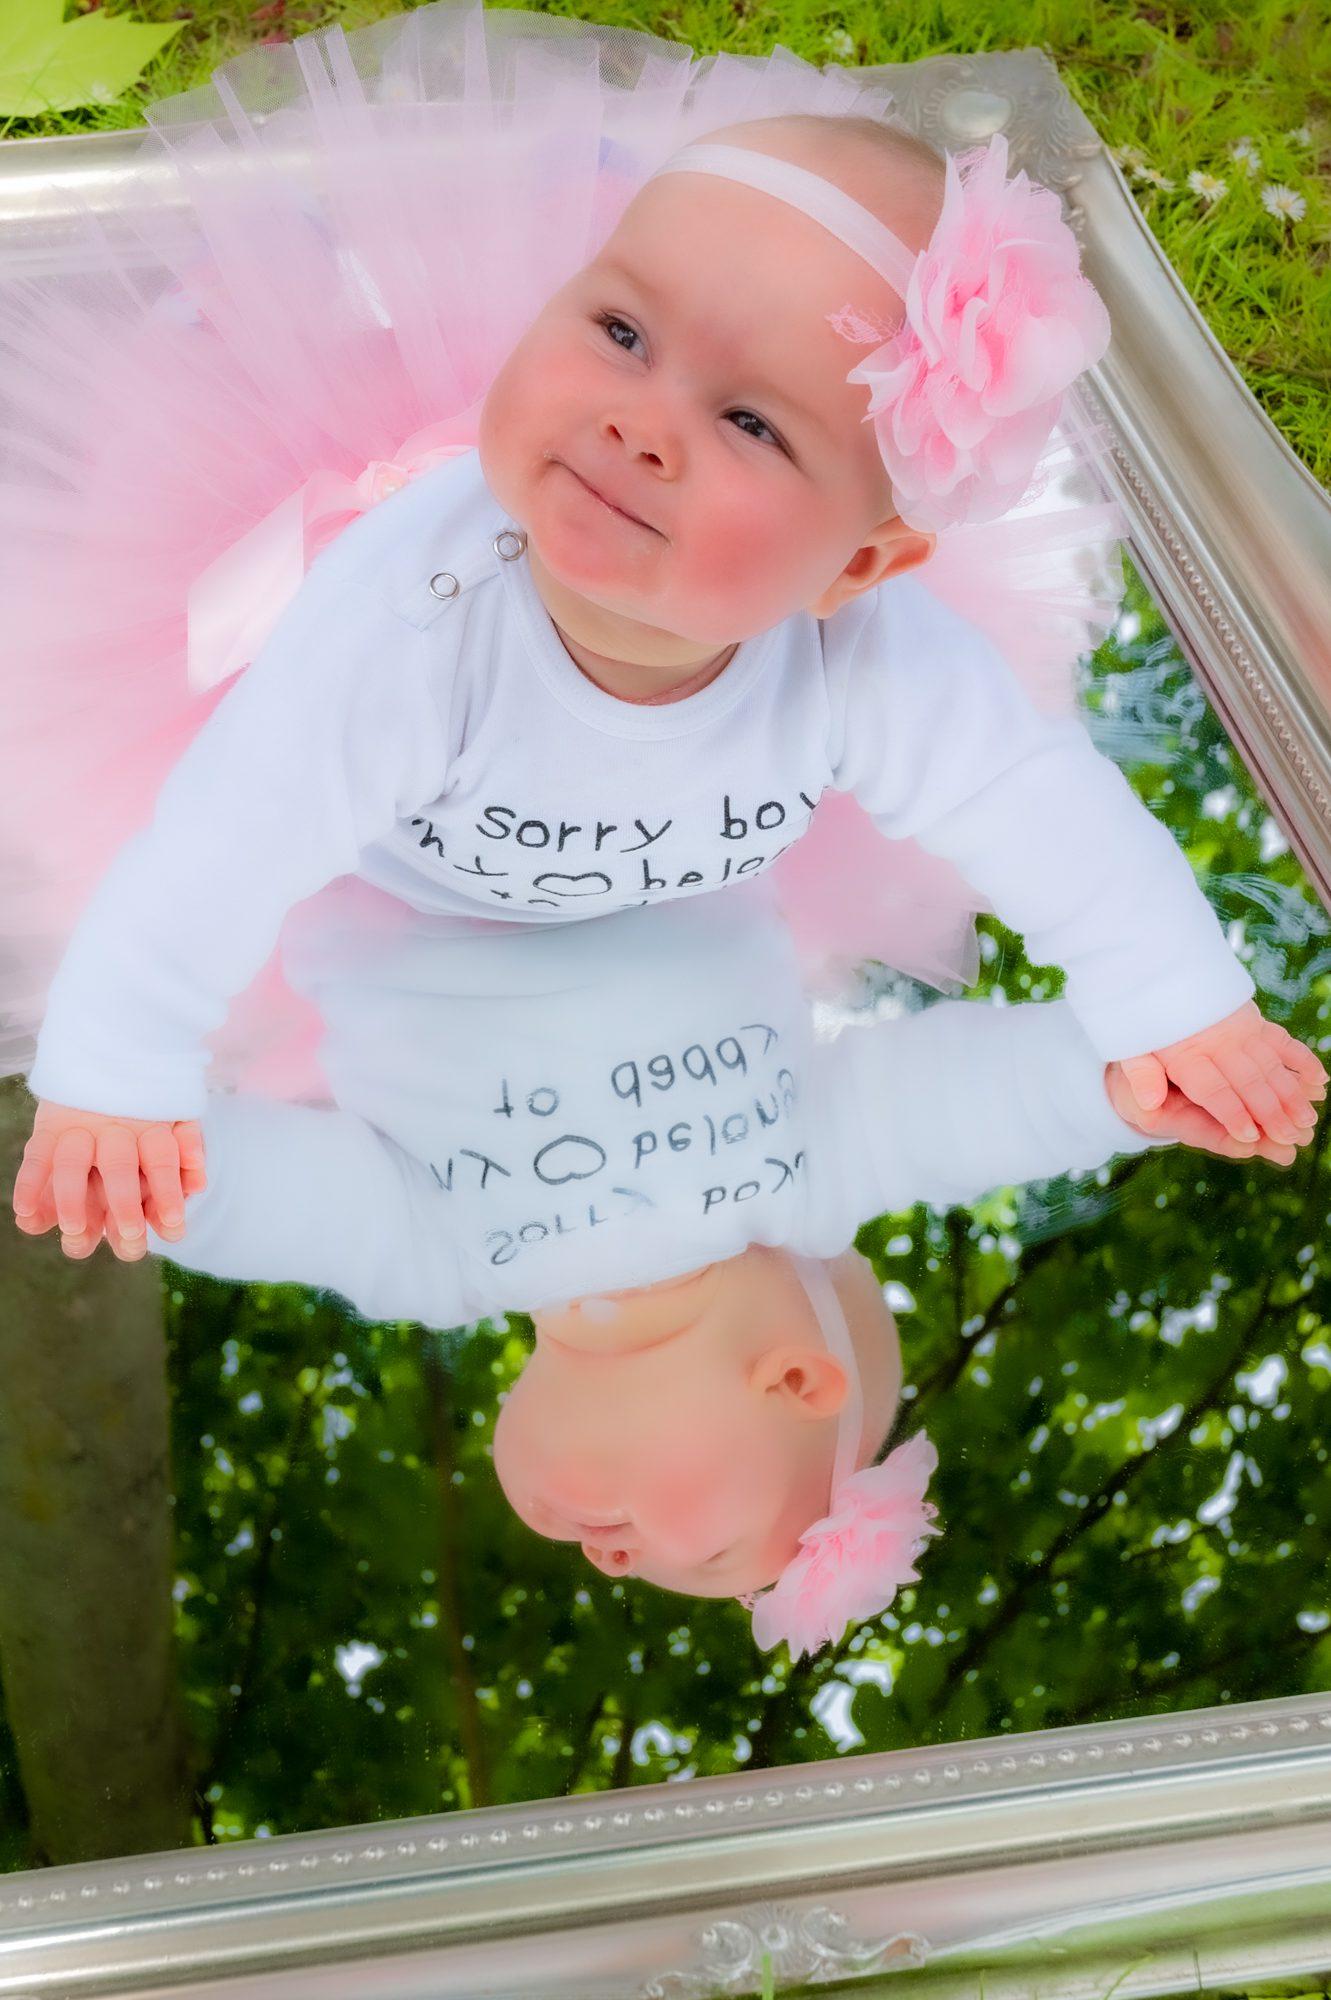 Sharon Leijs kinderfotograaf Rotterdam Hoekschewaard zuidholland 12